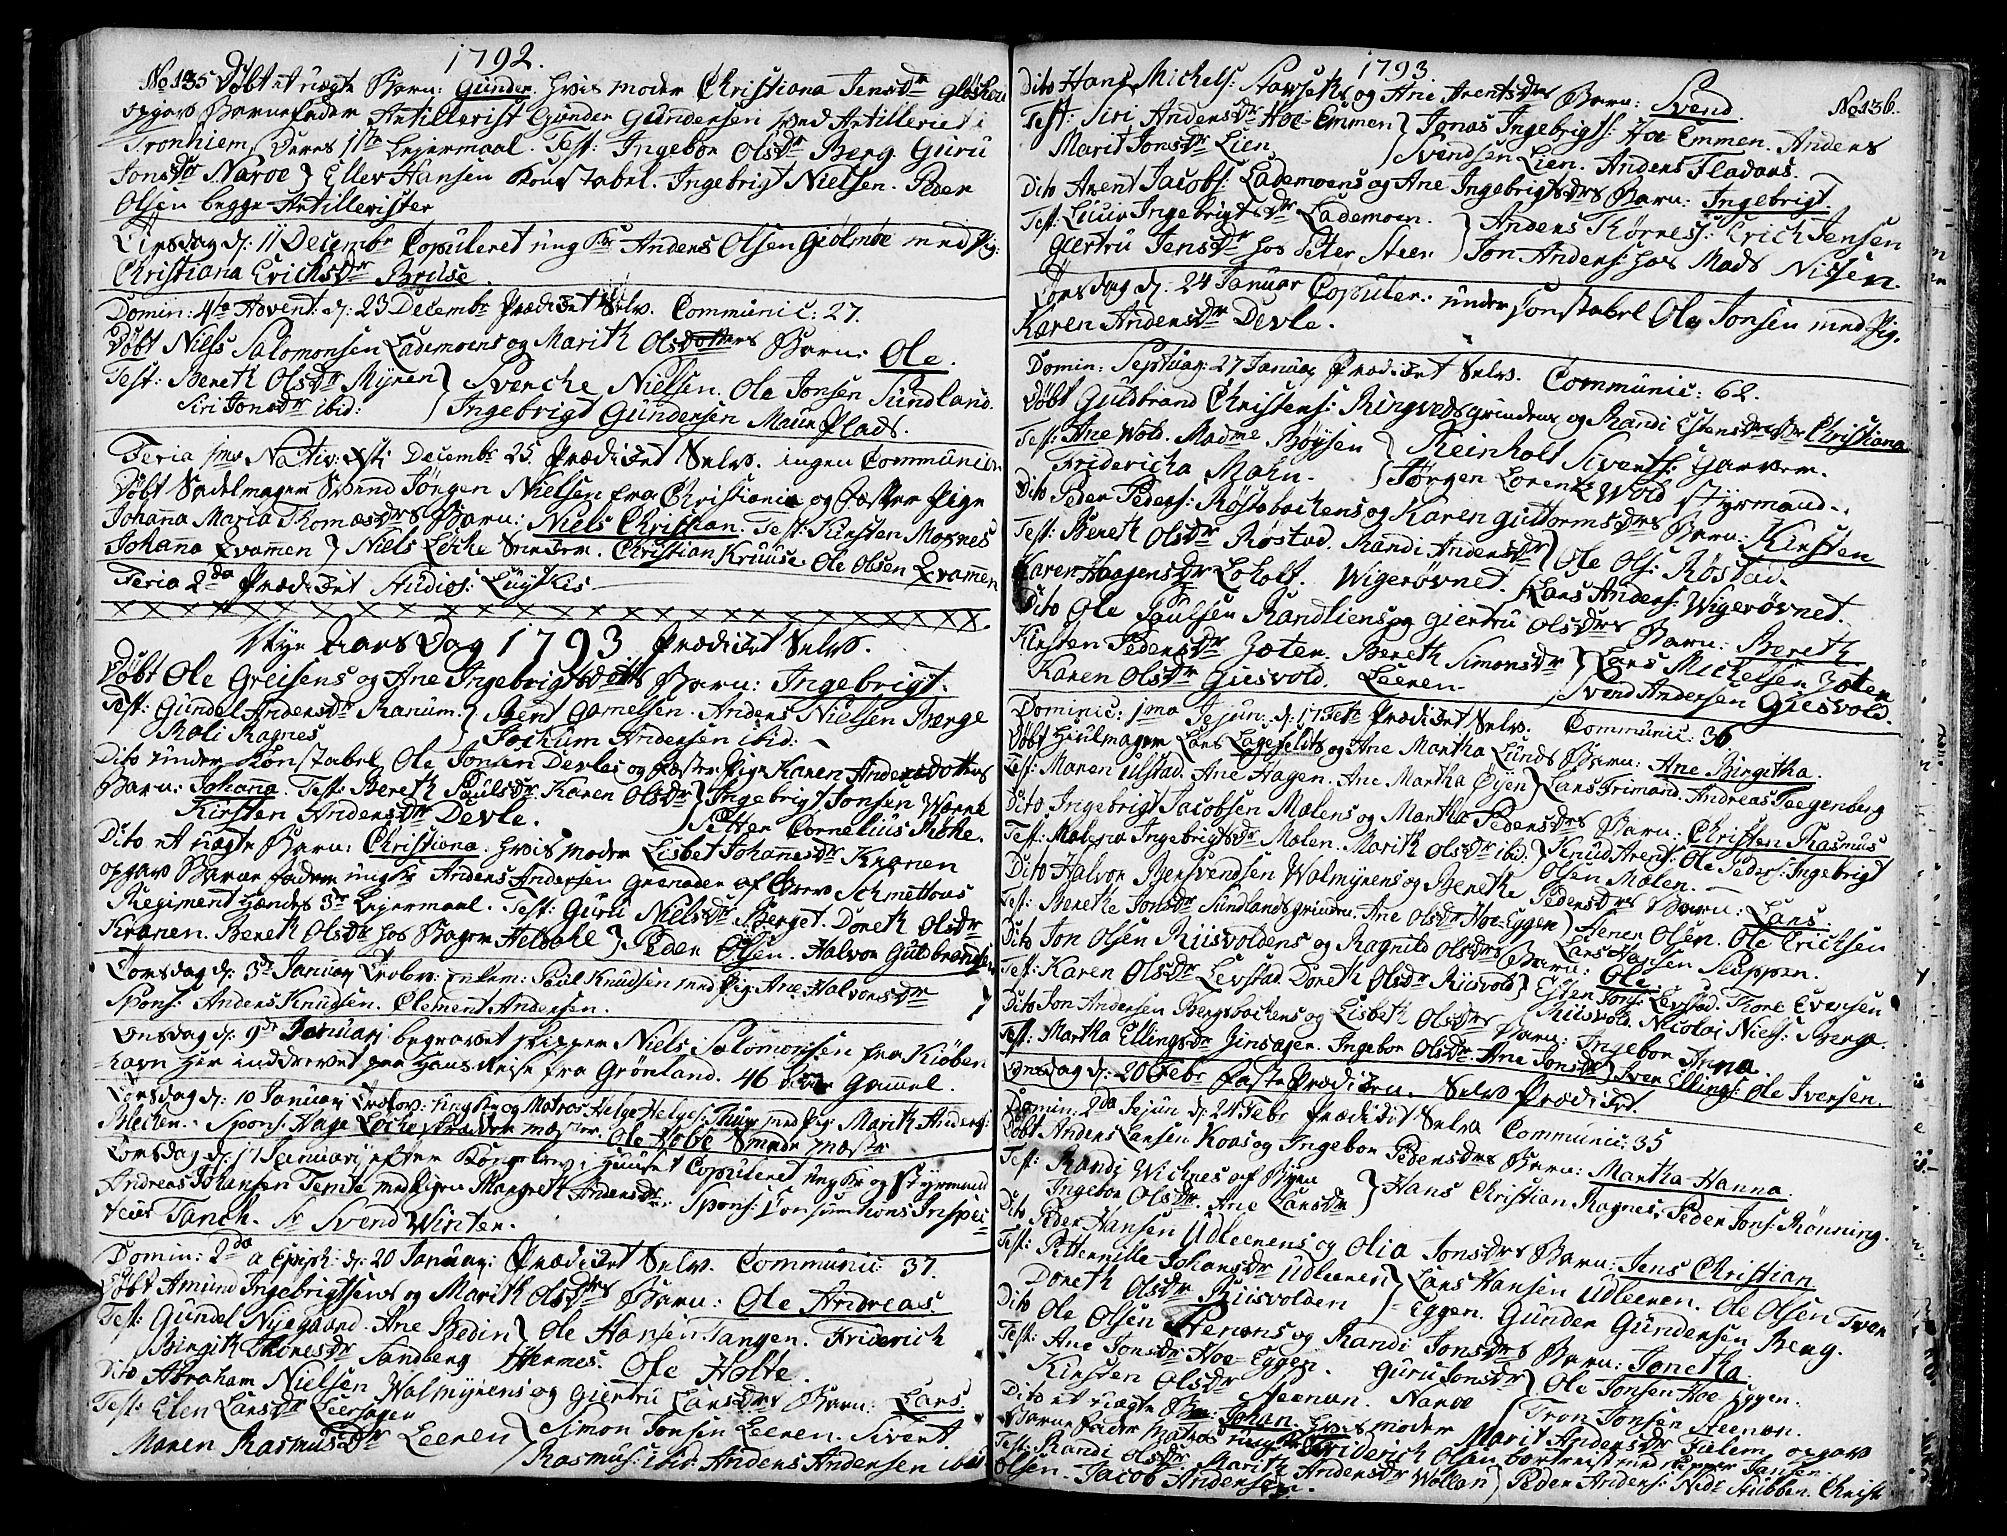 SAT, Ministerialprotokoller, klokkerbøker og fødselsregistre - Sør-Trøndelag, 604/L0180: Ministerialbok nr. 604A01, 1780-1797, s. 135-136